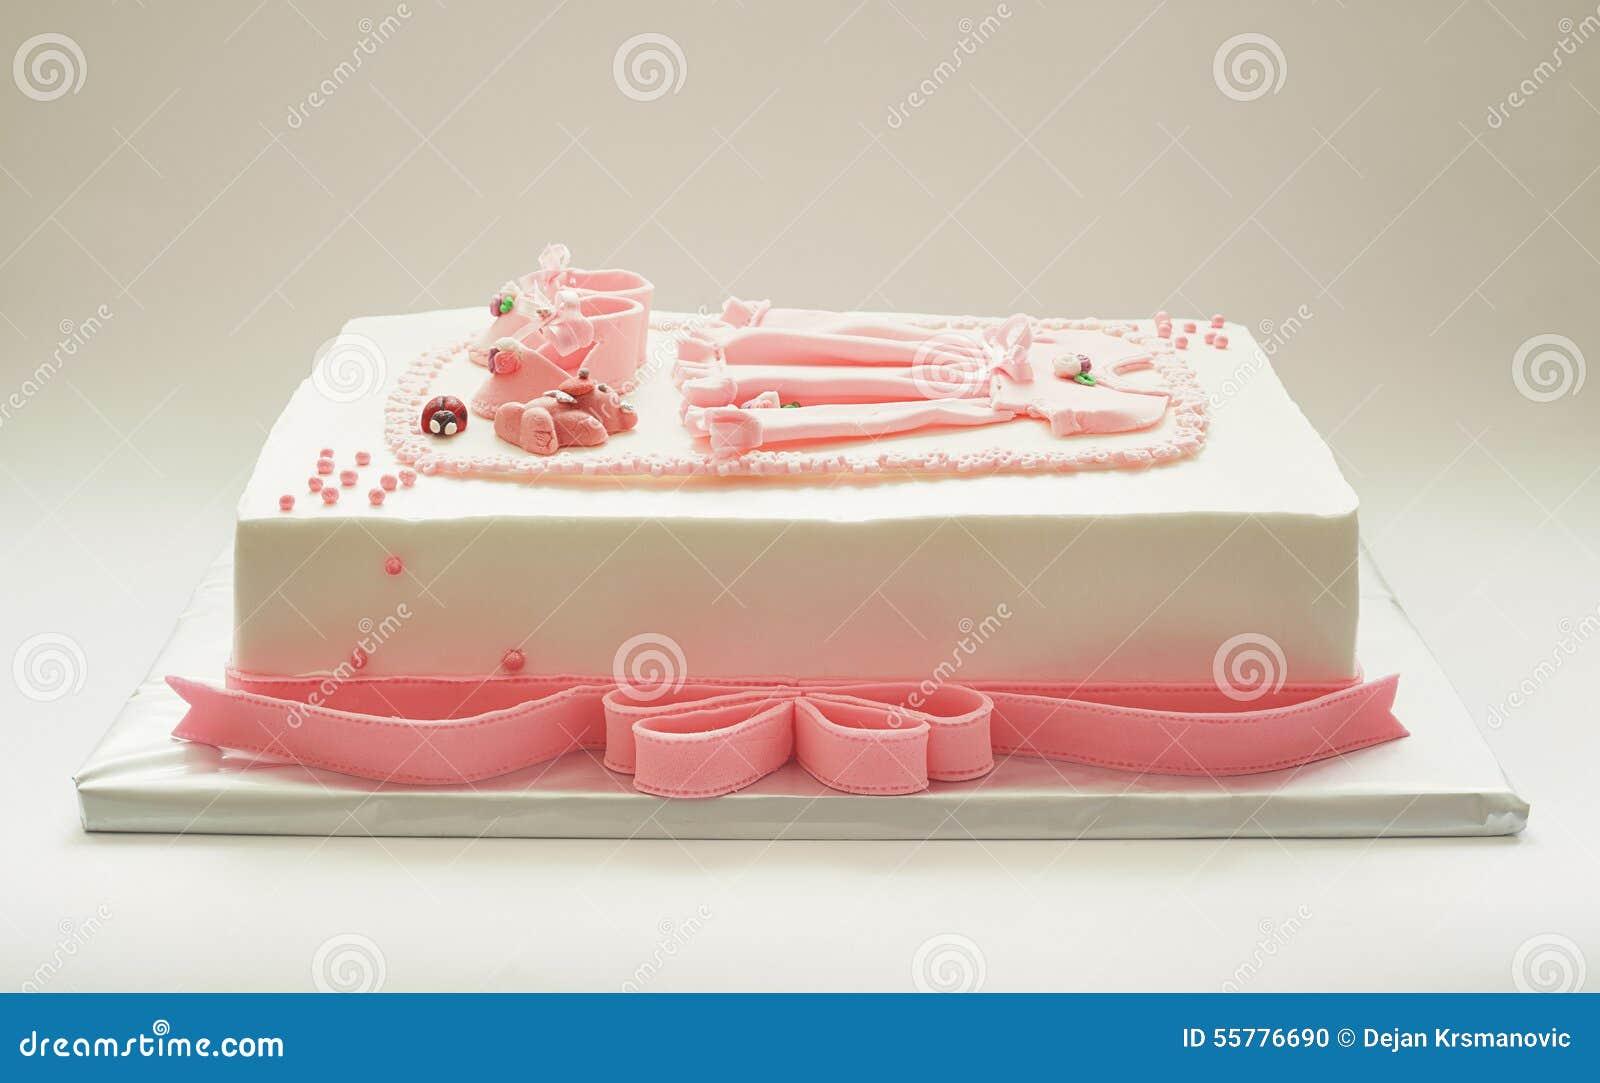 Birthday Cakes For Baby Girl ~ Birthday cake for girl stock photo. image of dessert 55776690